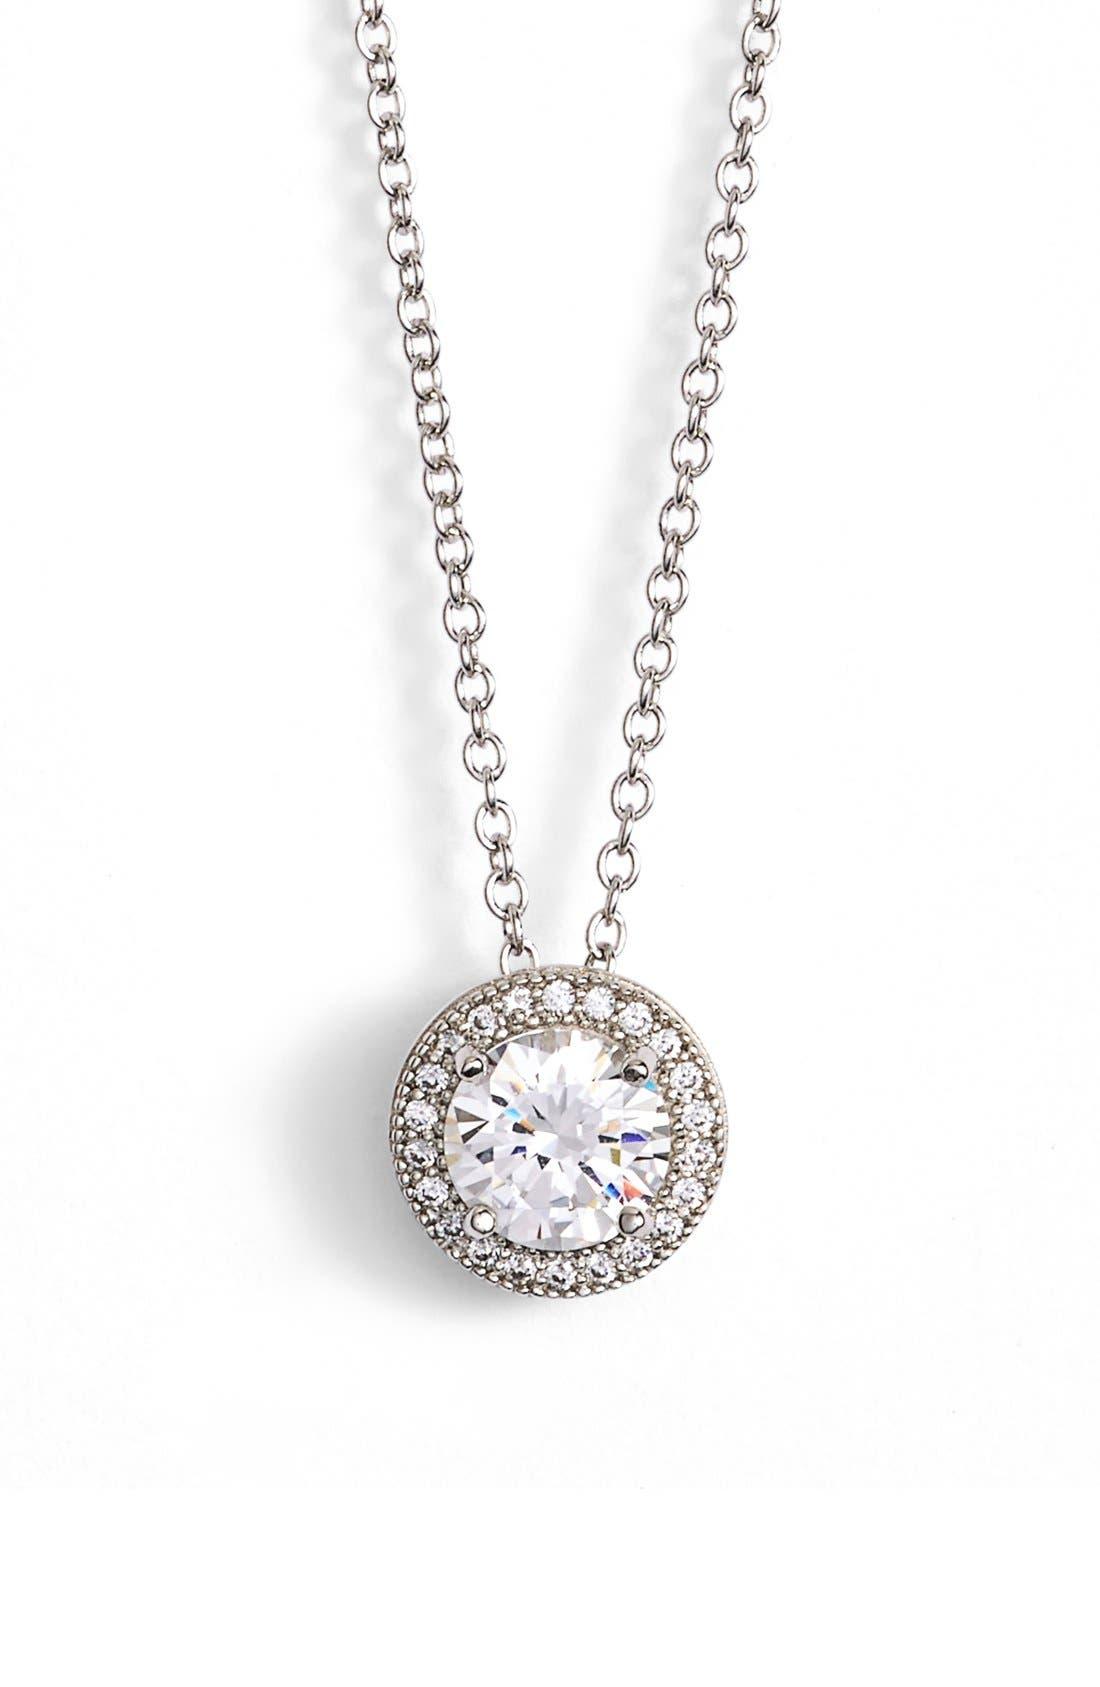 'Lassaire' Pendant Necklace,                             Main thumbnail 1, color,                             SILVER/ CLEAR